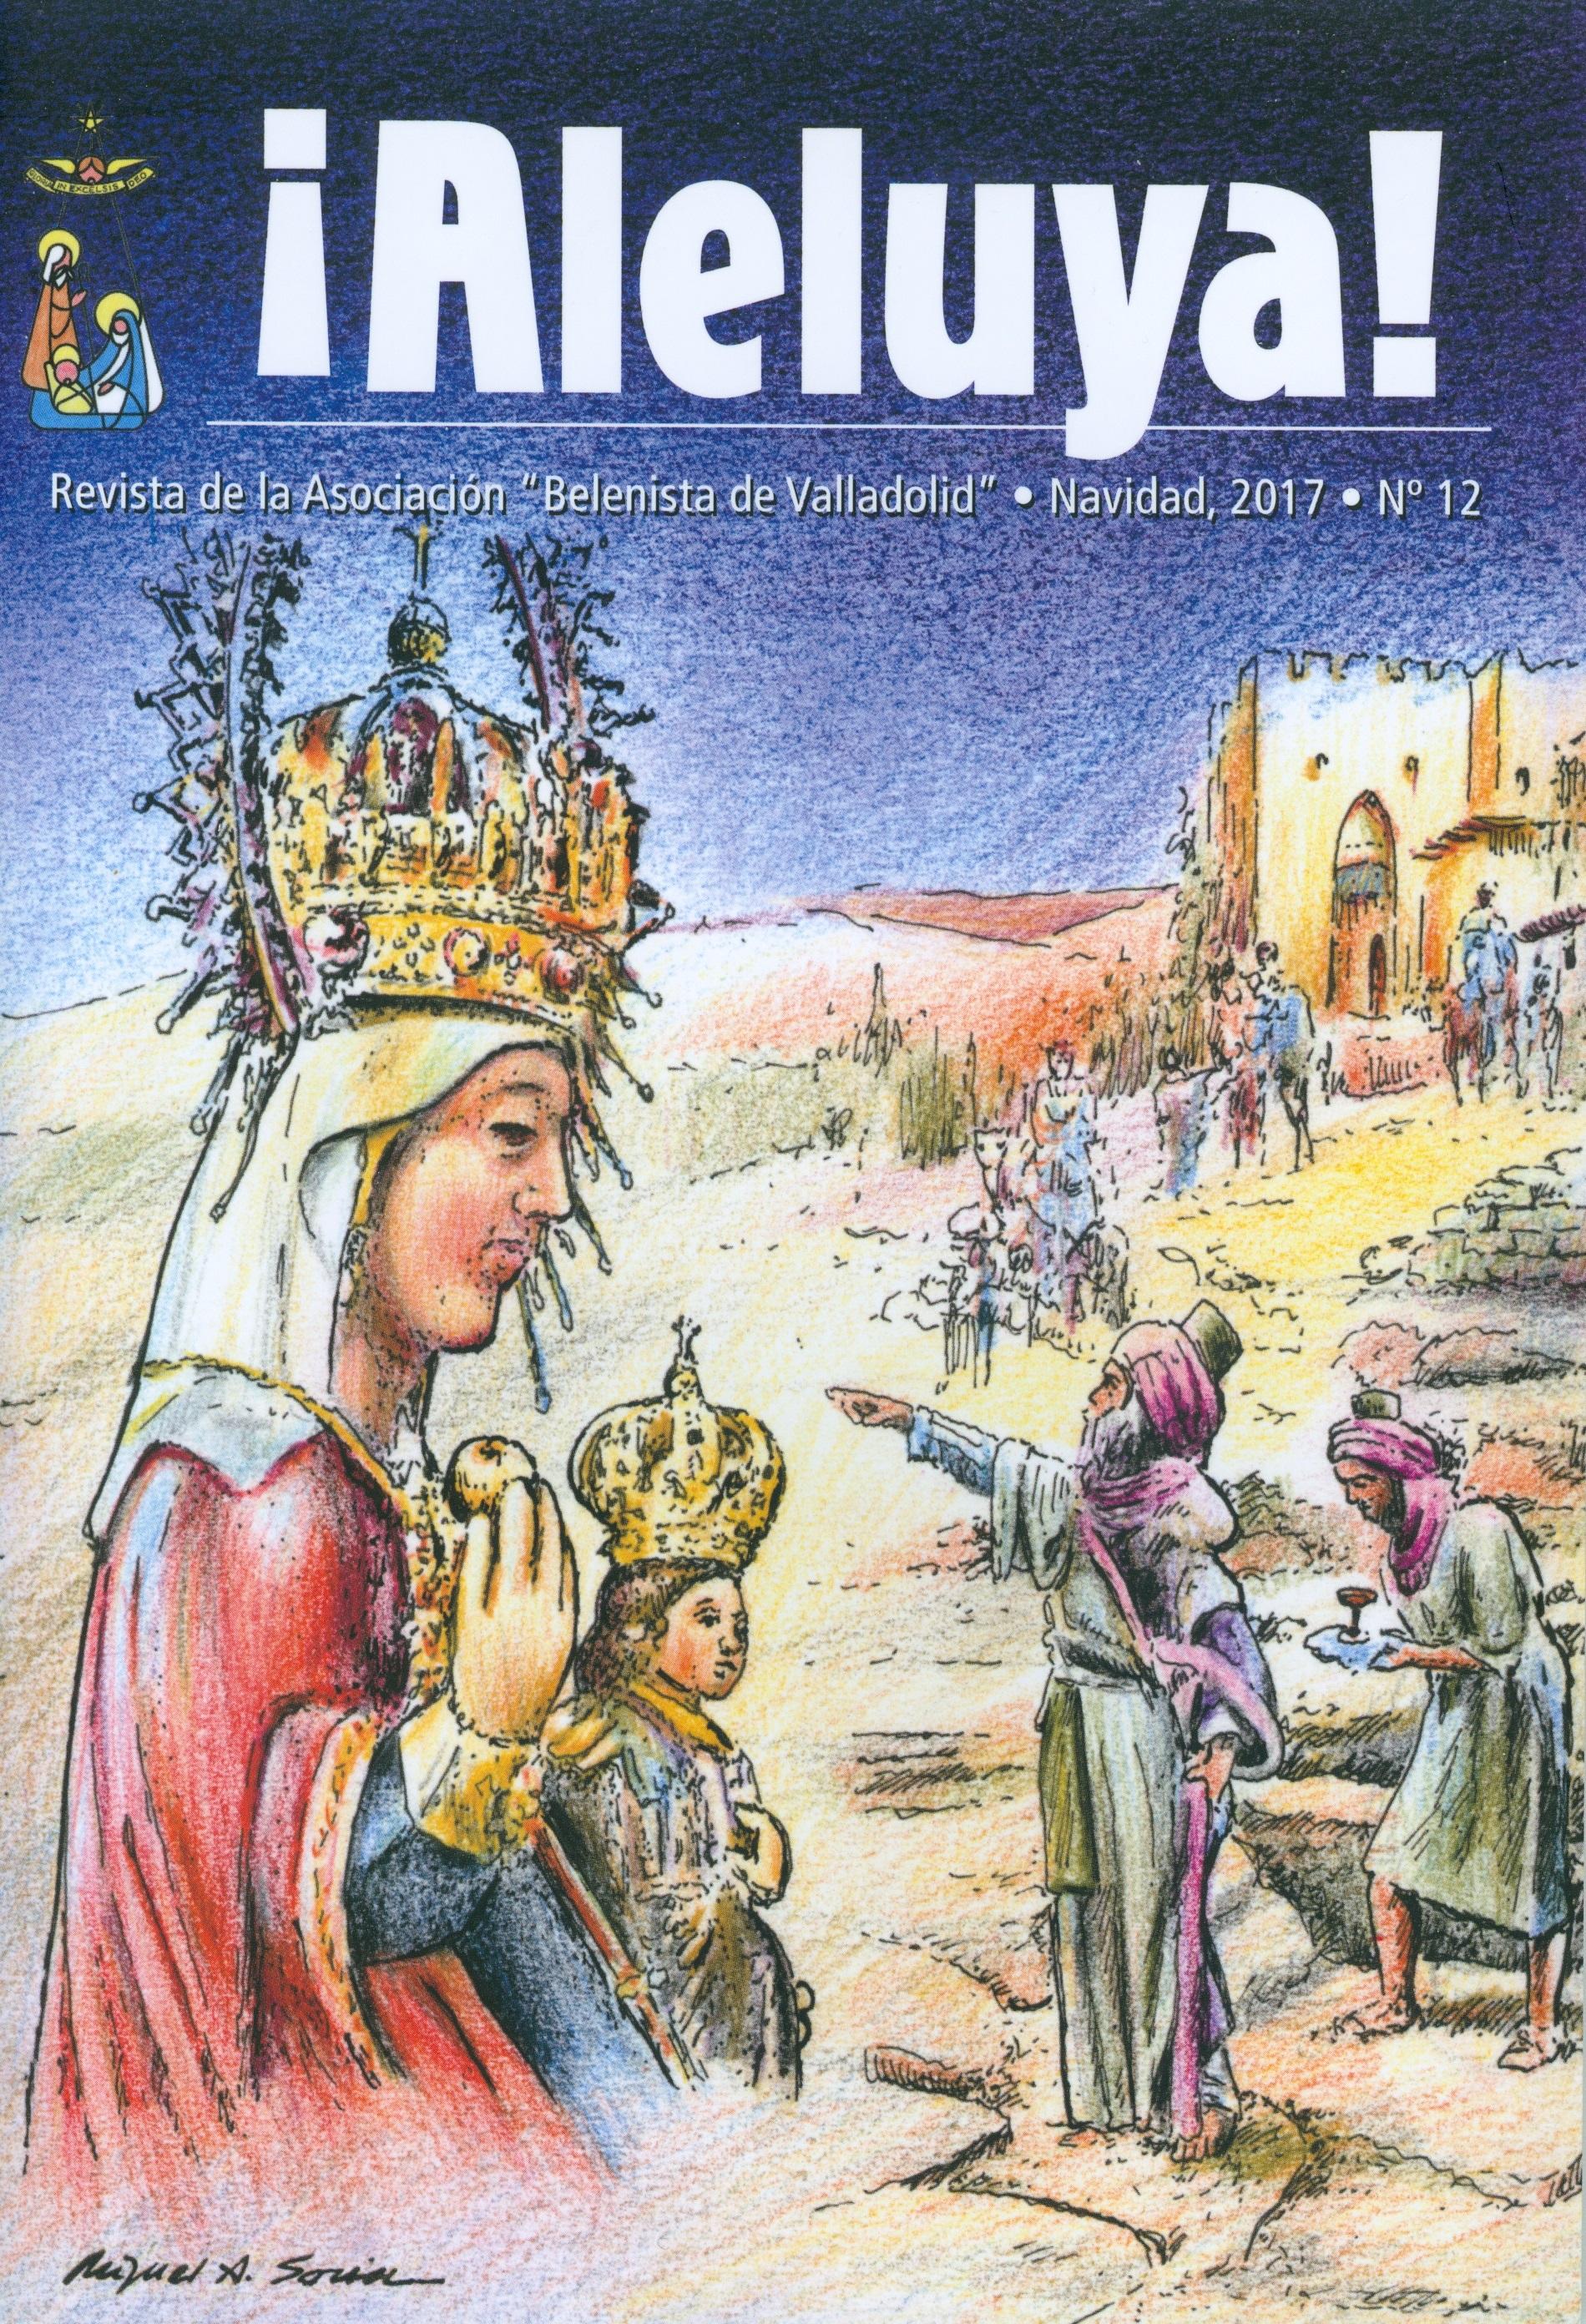 """Portada de la revista Aleluya Nº 12 - 2017, de la Asociación """"Belenistas de Valladolid"""""""